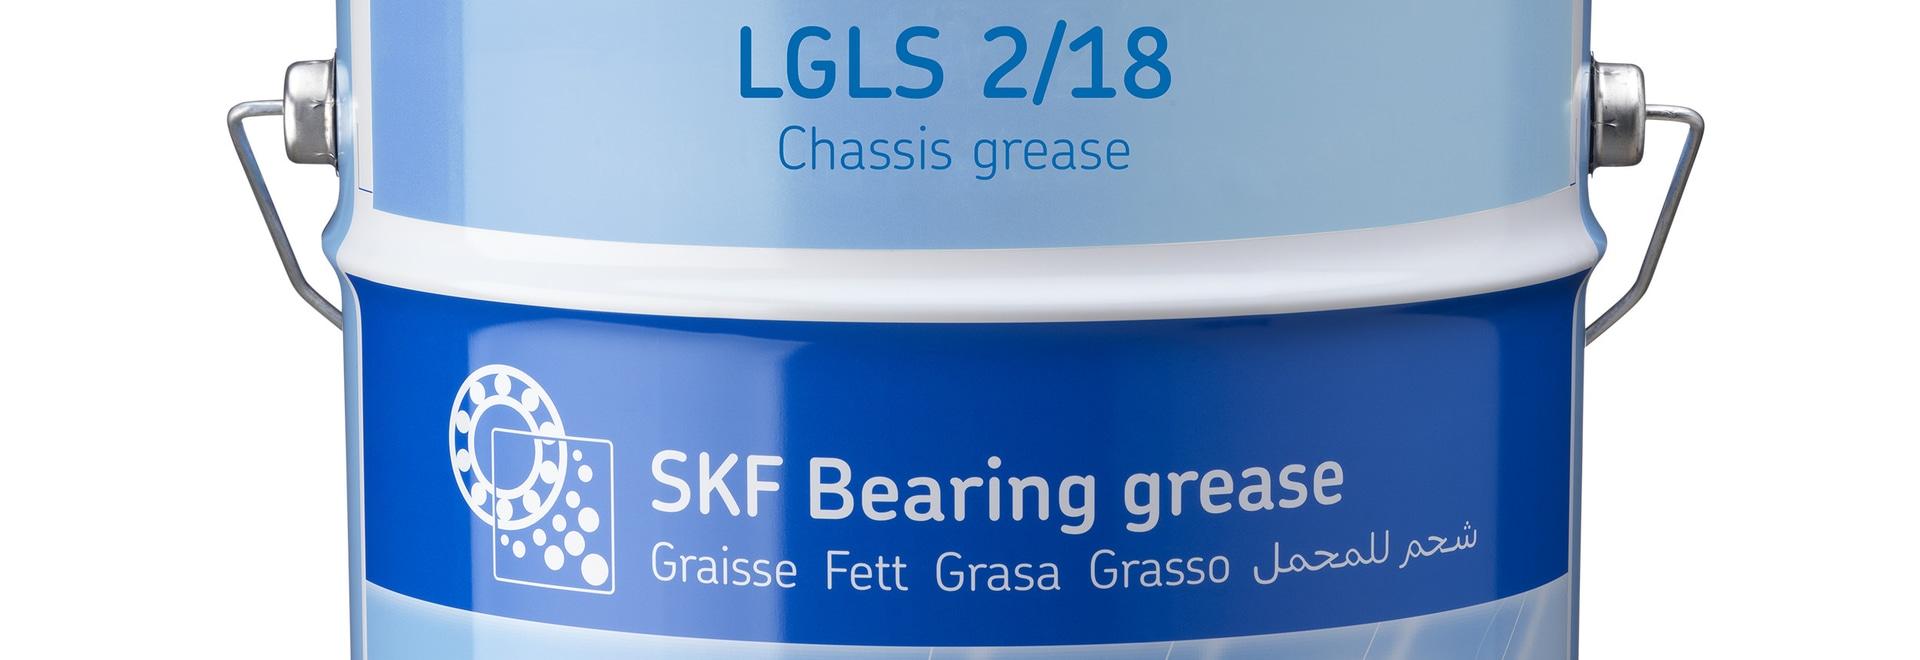 Grasso per telai LGLS 0